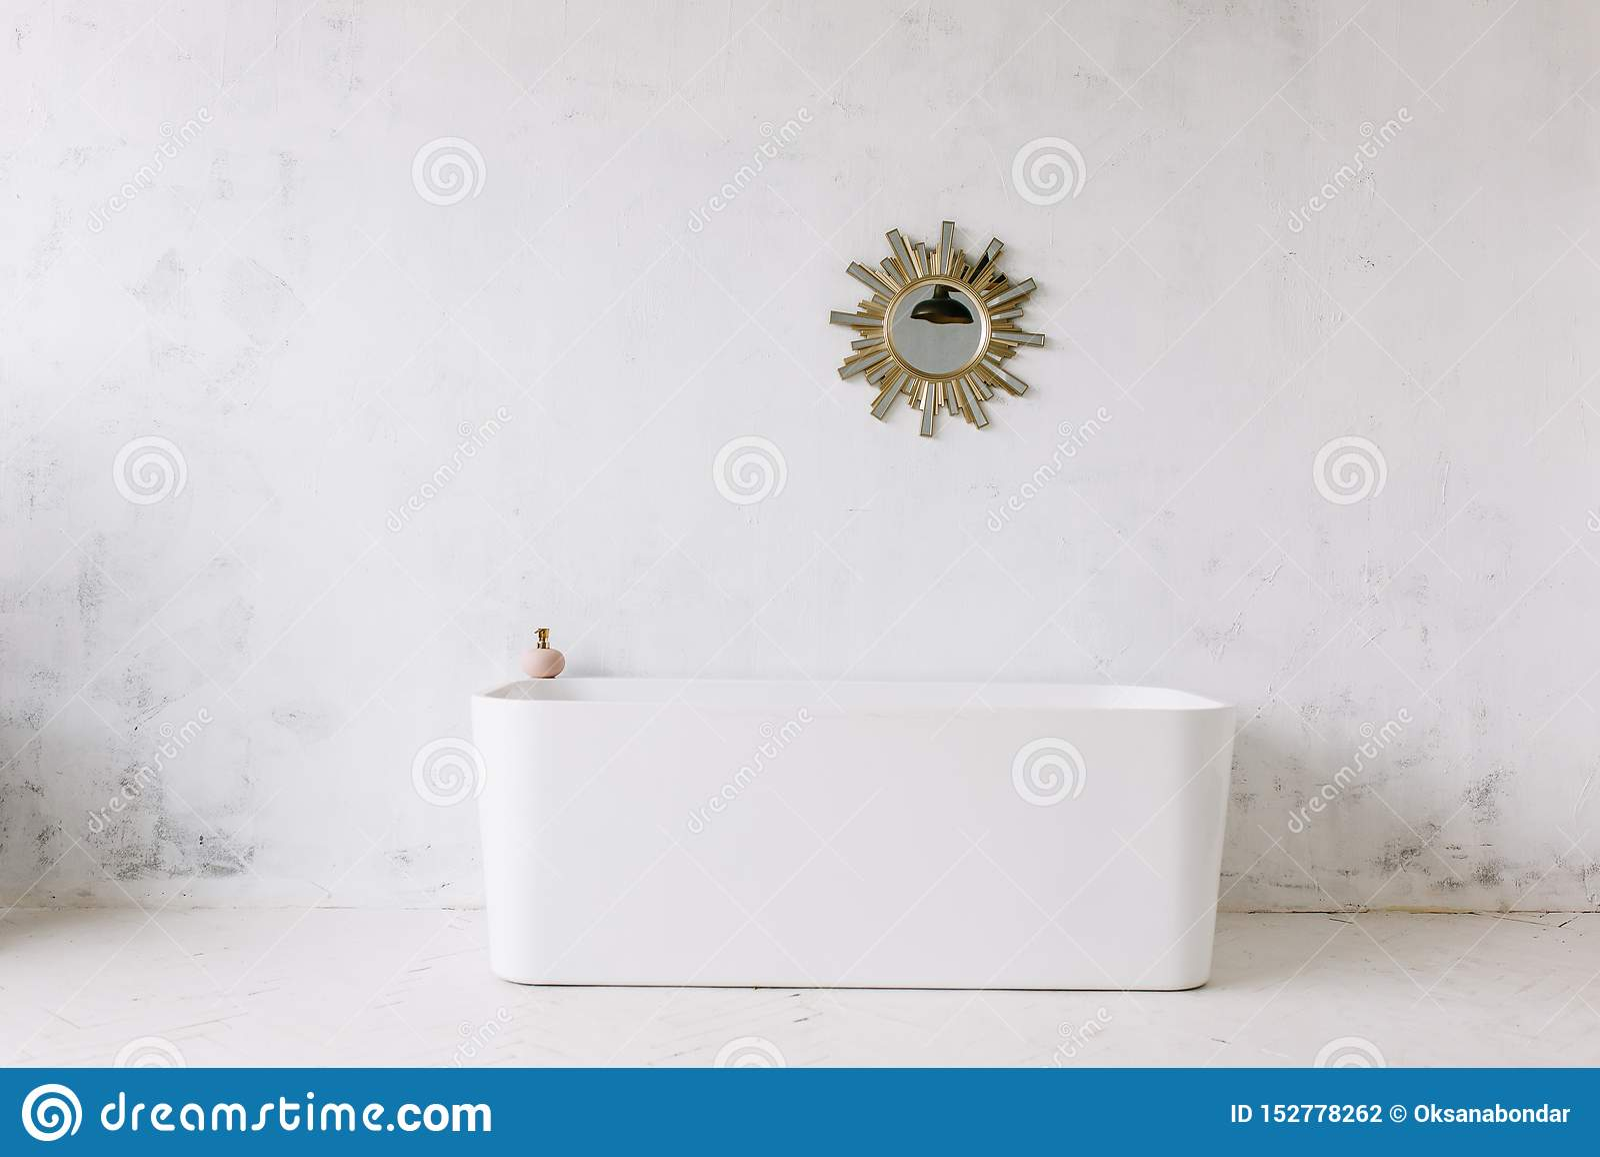 Vierkant kader van moderne badkamers met freestanding witte badkuip op achtergrond van de zolder de rustieke muur met de spiegel